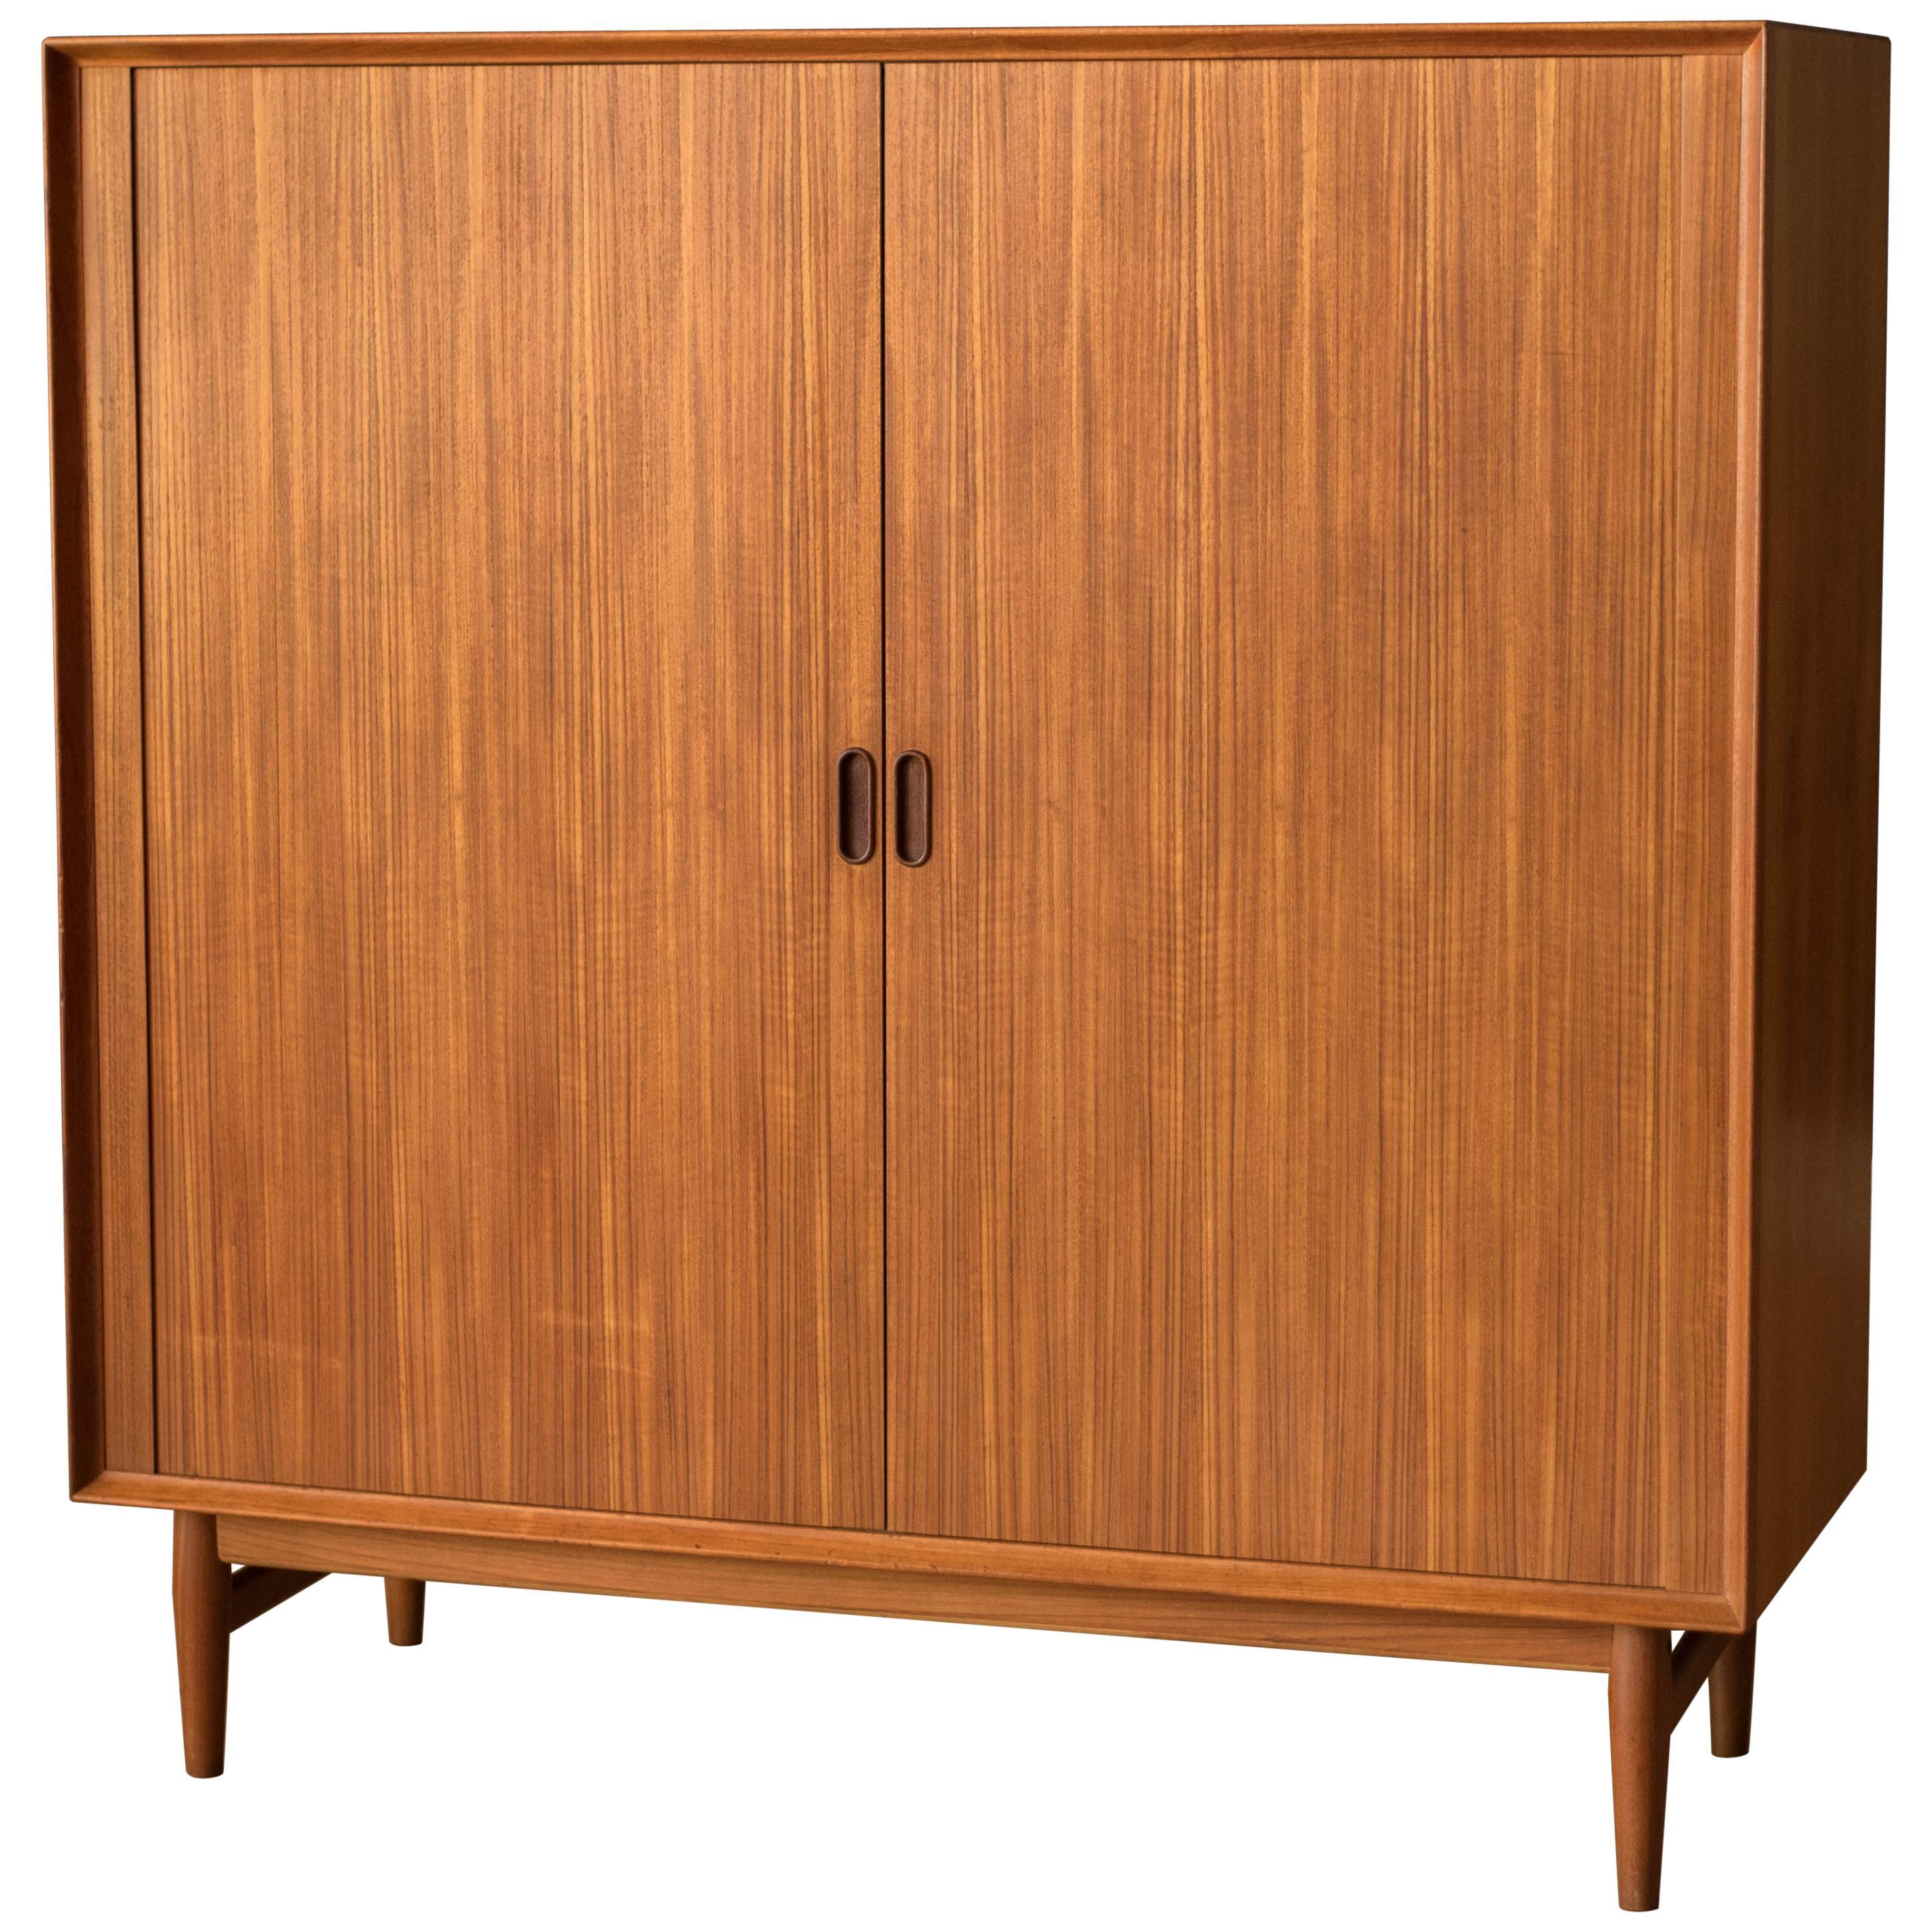 Danish Modern Teak Wardrobe Dresser Chest by Arne Vodder for Sibast Møbler